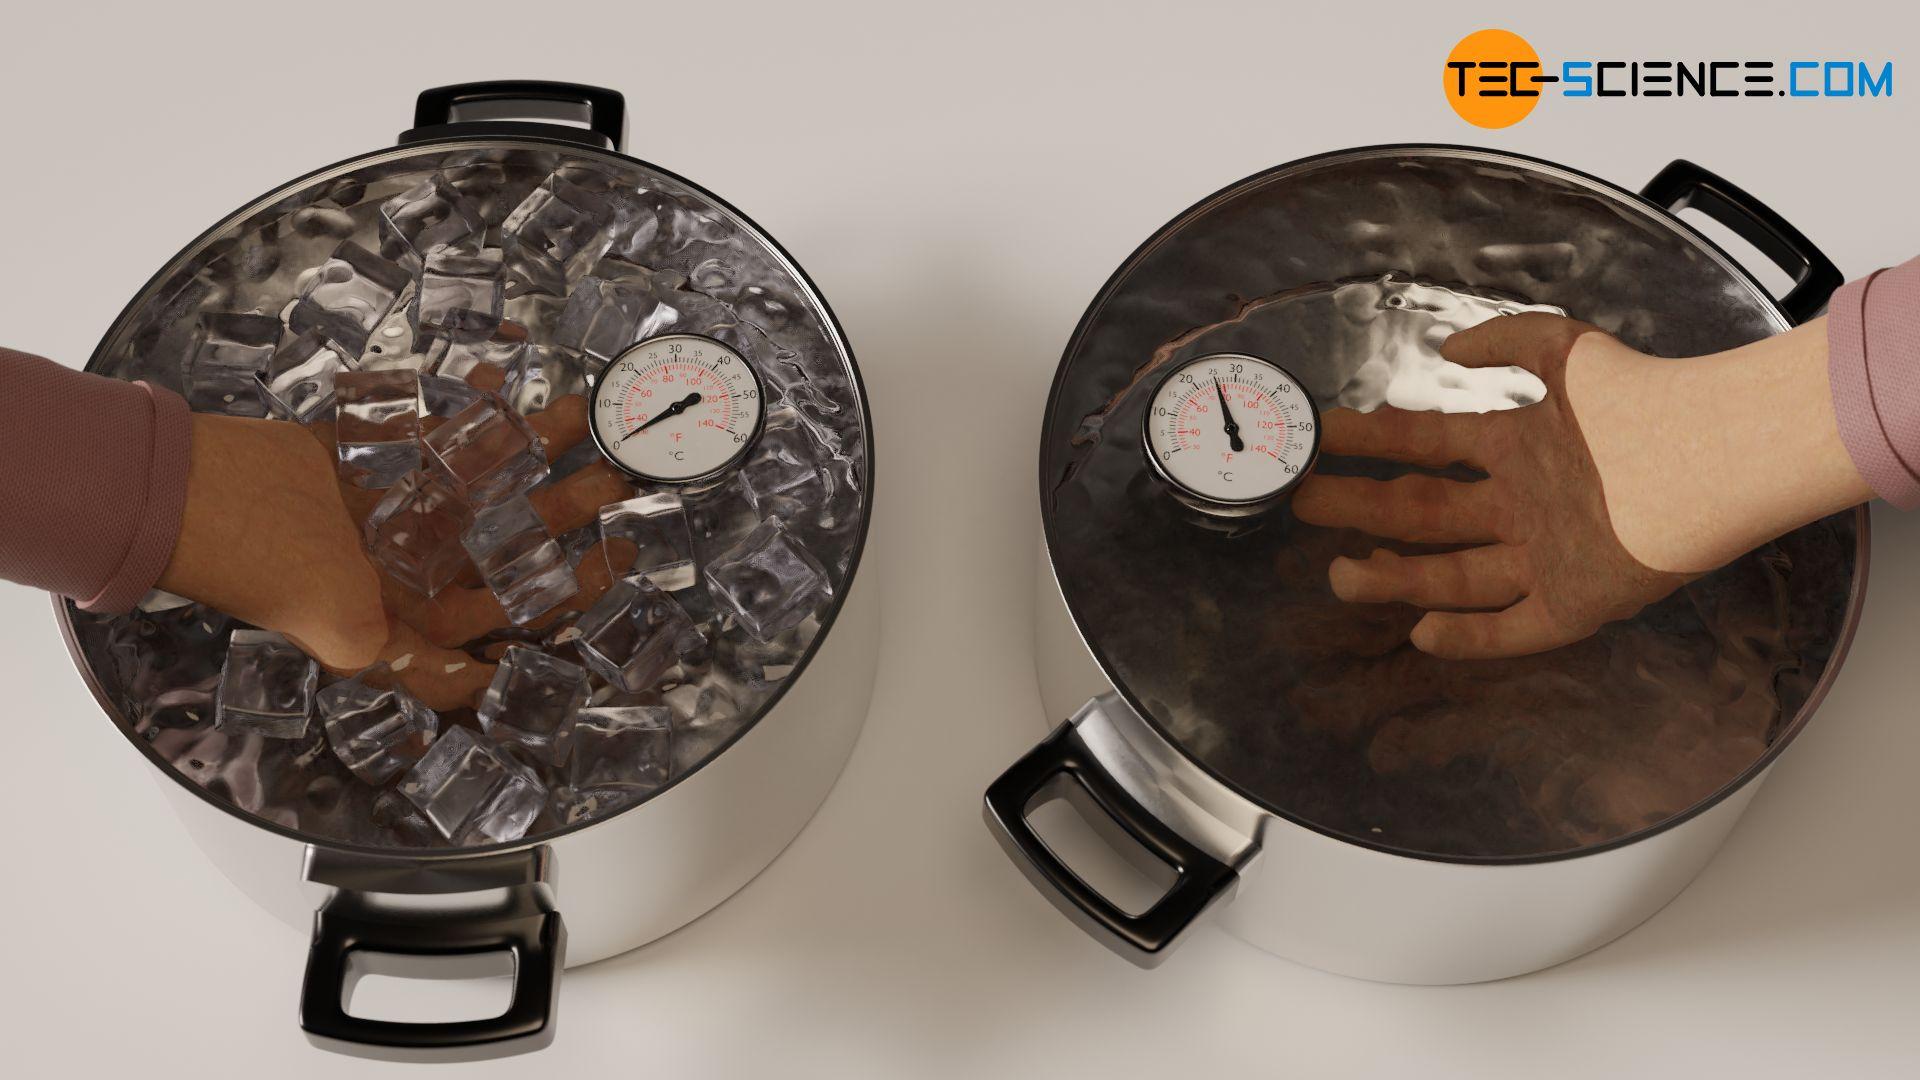 Empfinden von Wärme beim Eintauchen einer unterkühlten Hand in Wasser